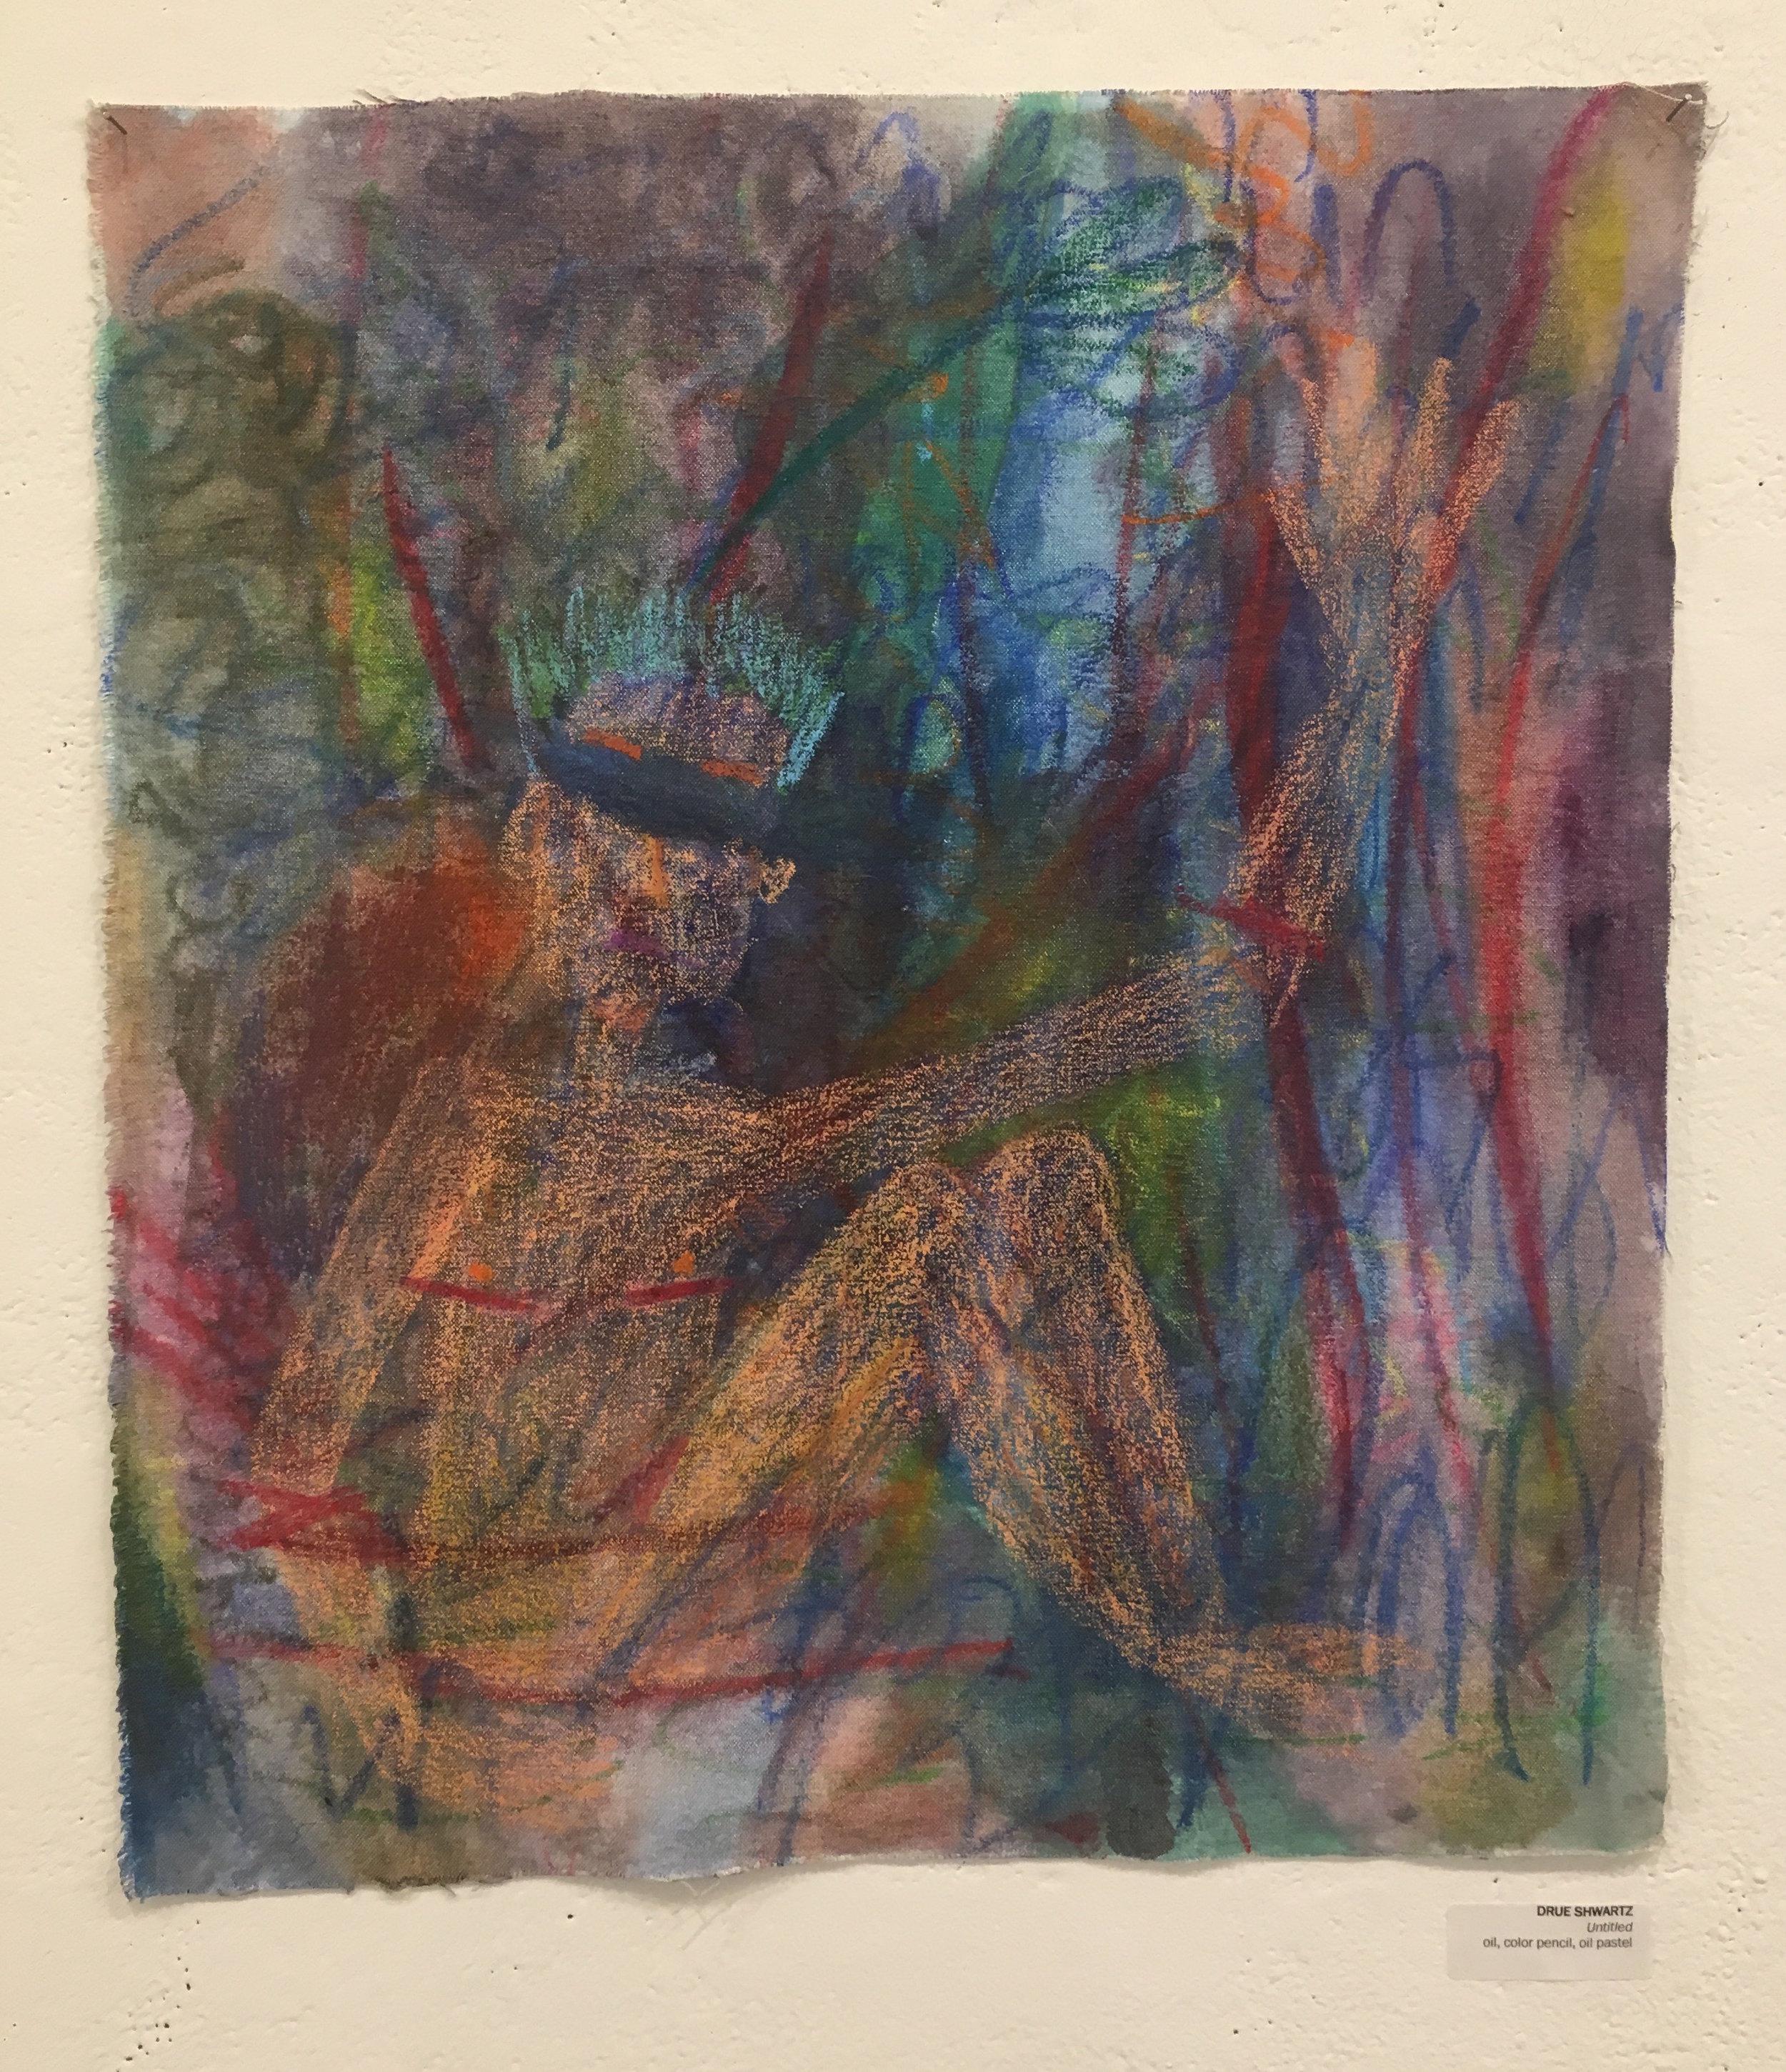 """Drue Schwartz, """"Untitled"""" (oil, color pencil, oil pastel)"""